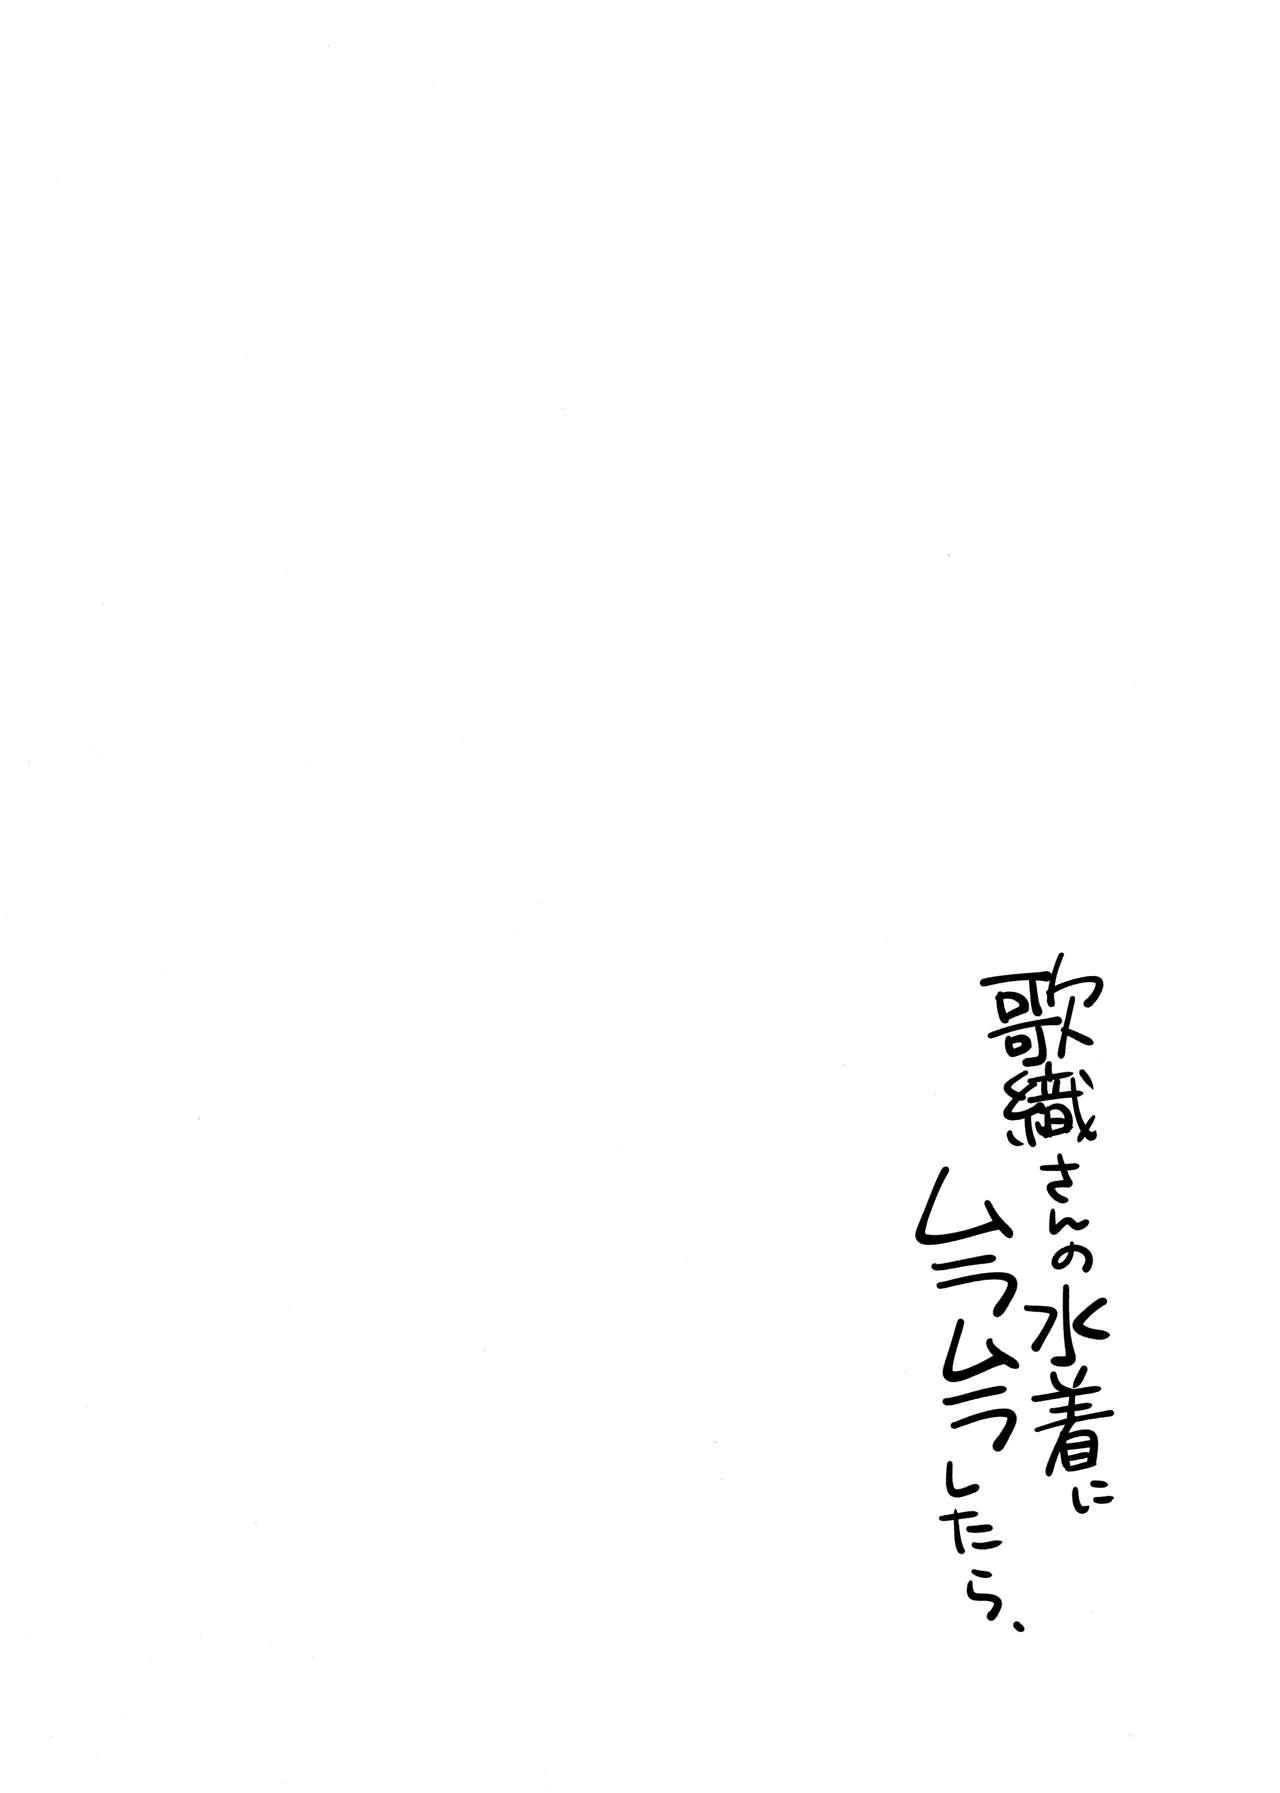 Kaori-san no Mizugi ni Muramura Shitara, 4